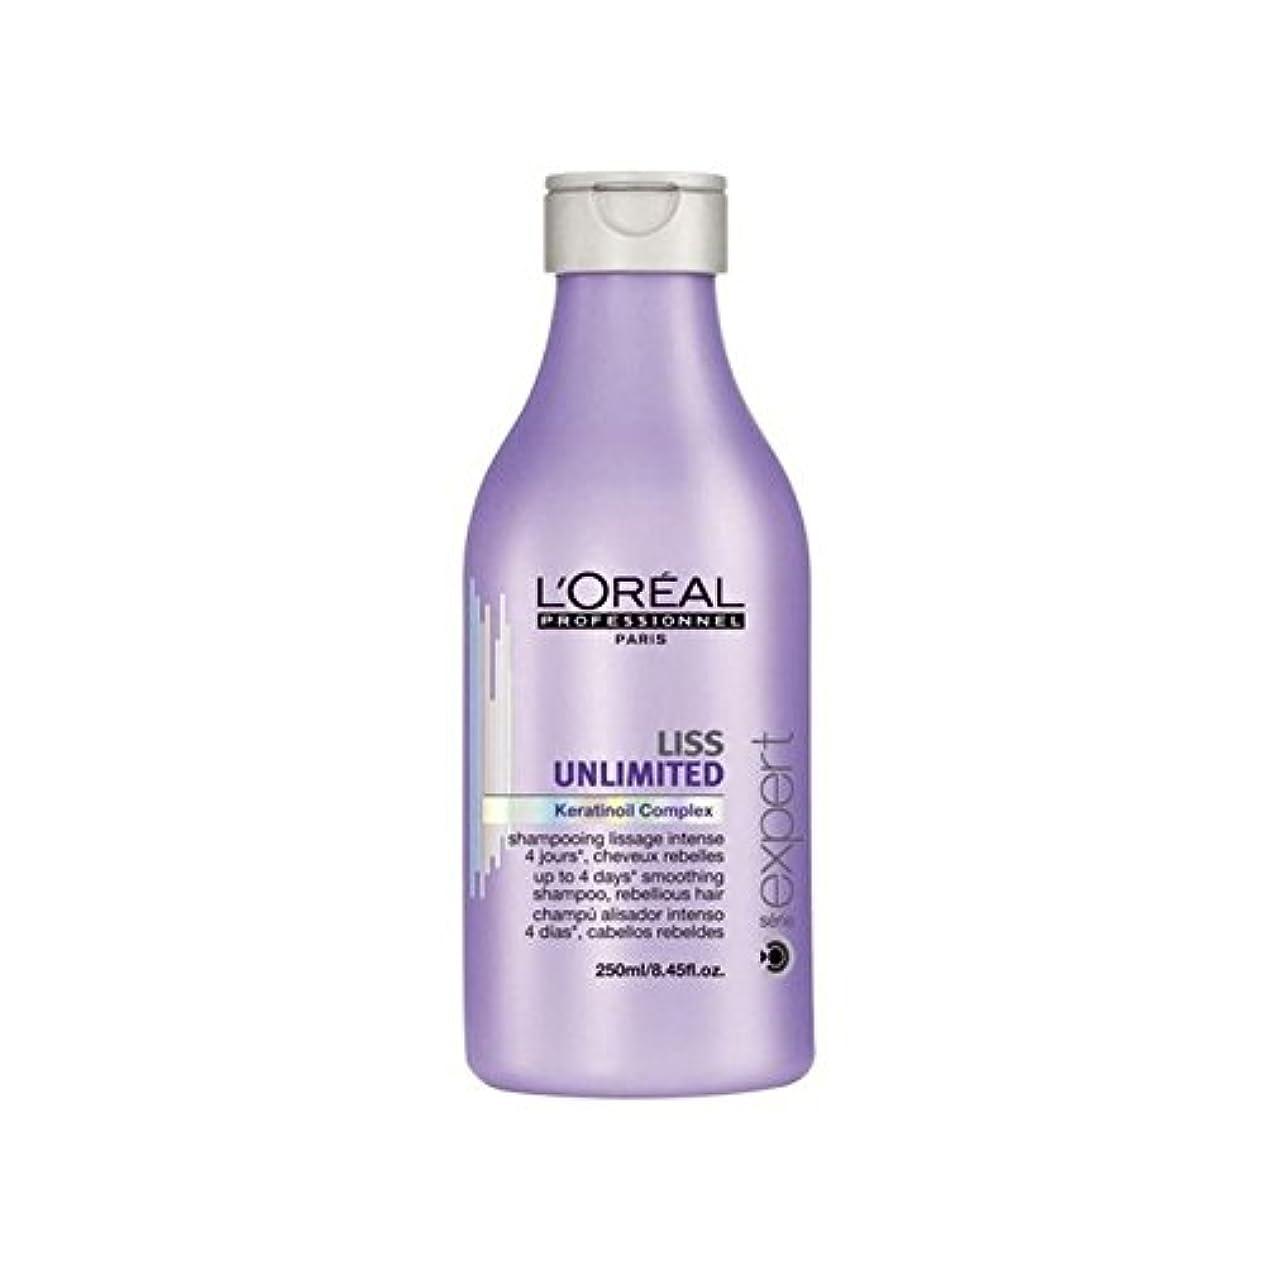 煙カナダブレーキL'Oreal Professionnel Serie Expert Liss Unlimited Shampoo (250ml) (Pack of 6) - ロレアルプロフェッショナルセリエ専門家無制限のシャンプー(250ミリリットル) x6 [並行輸入品]